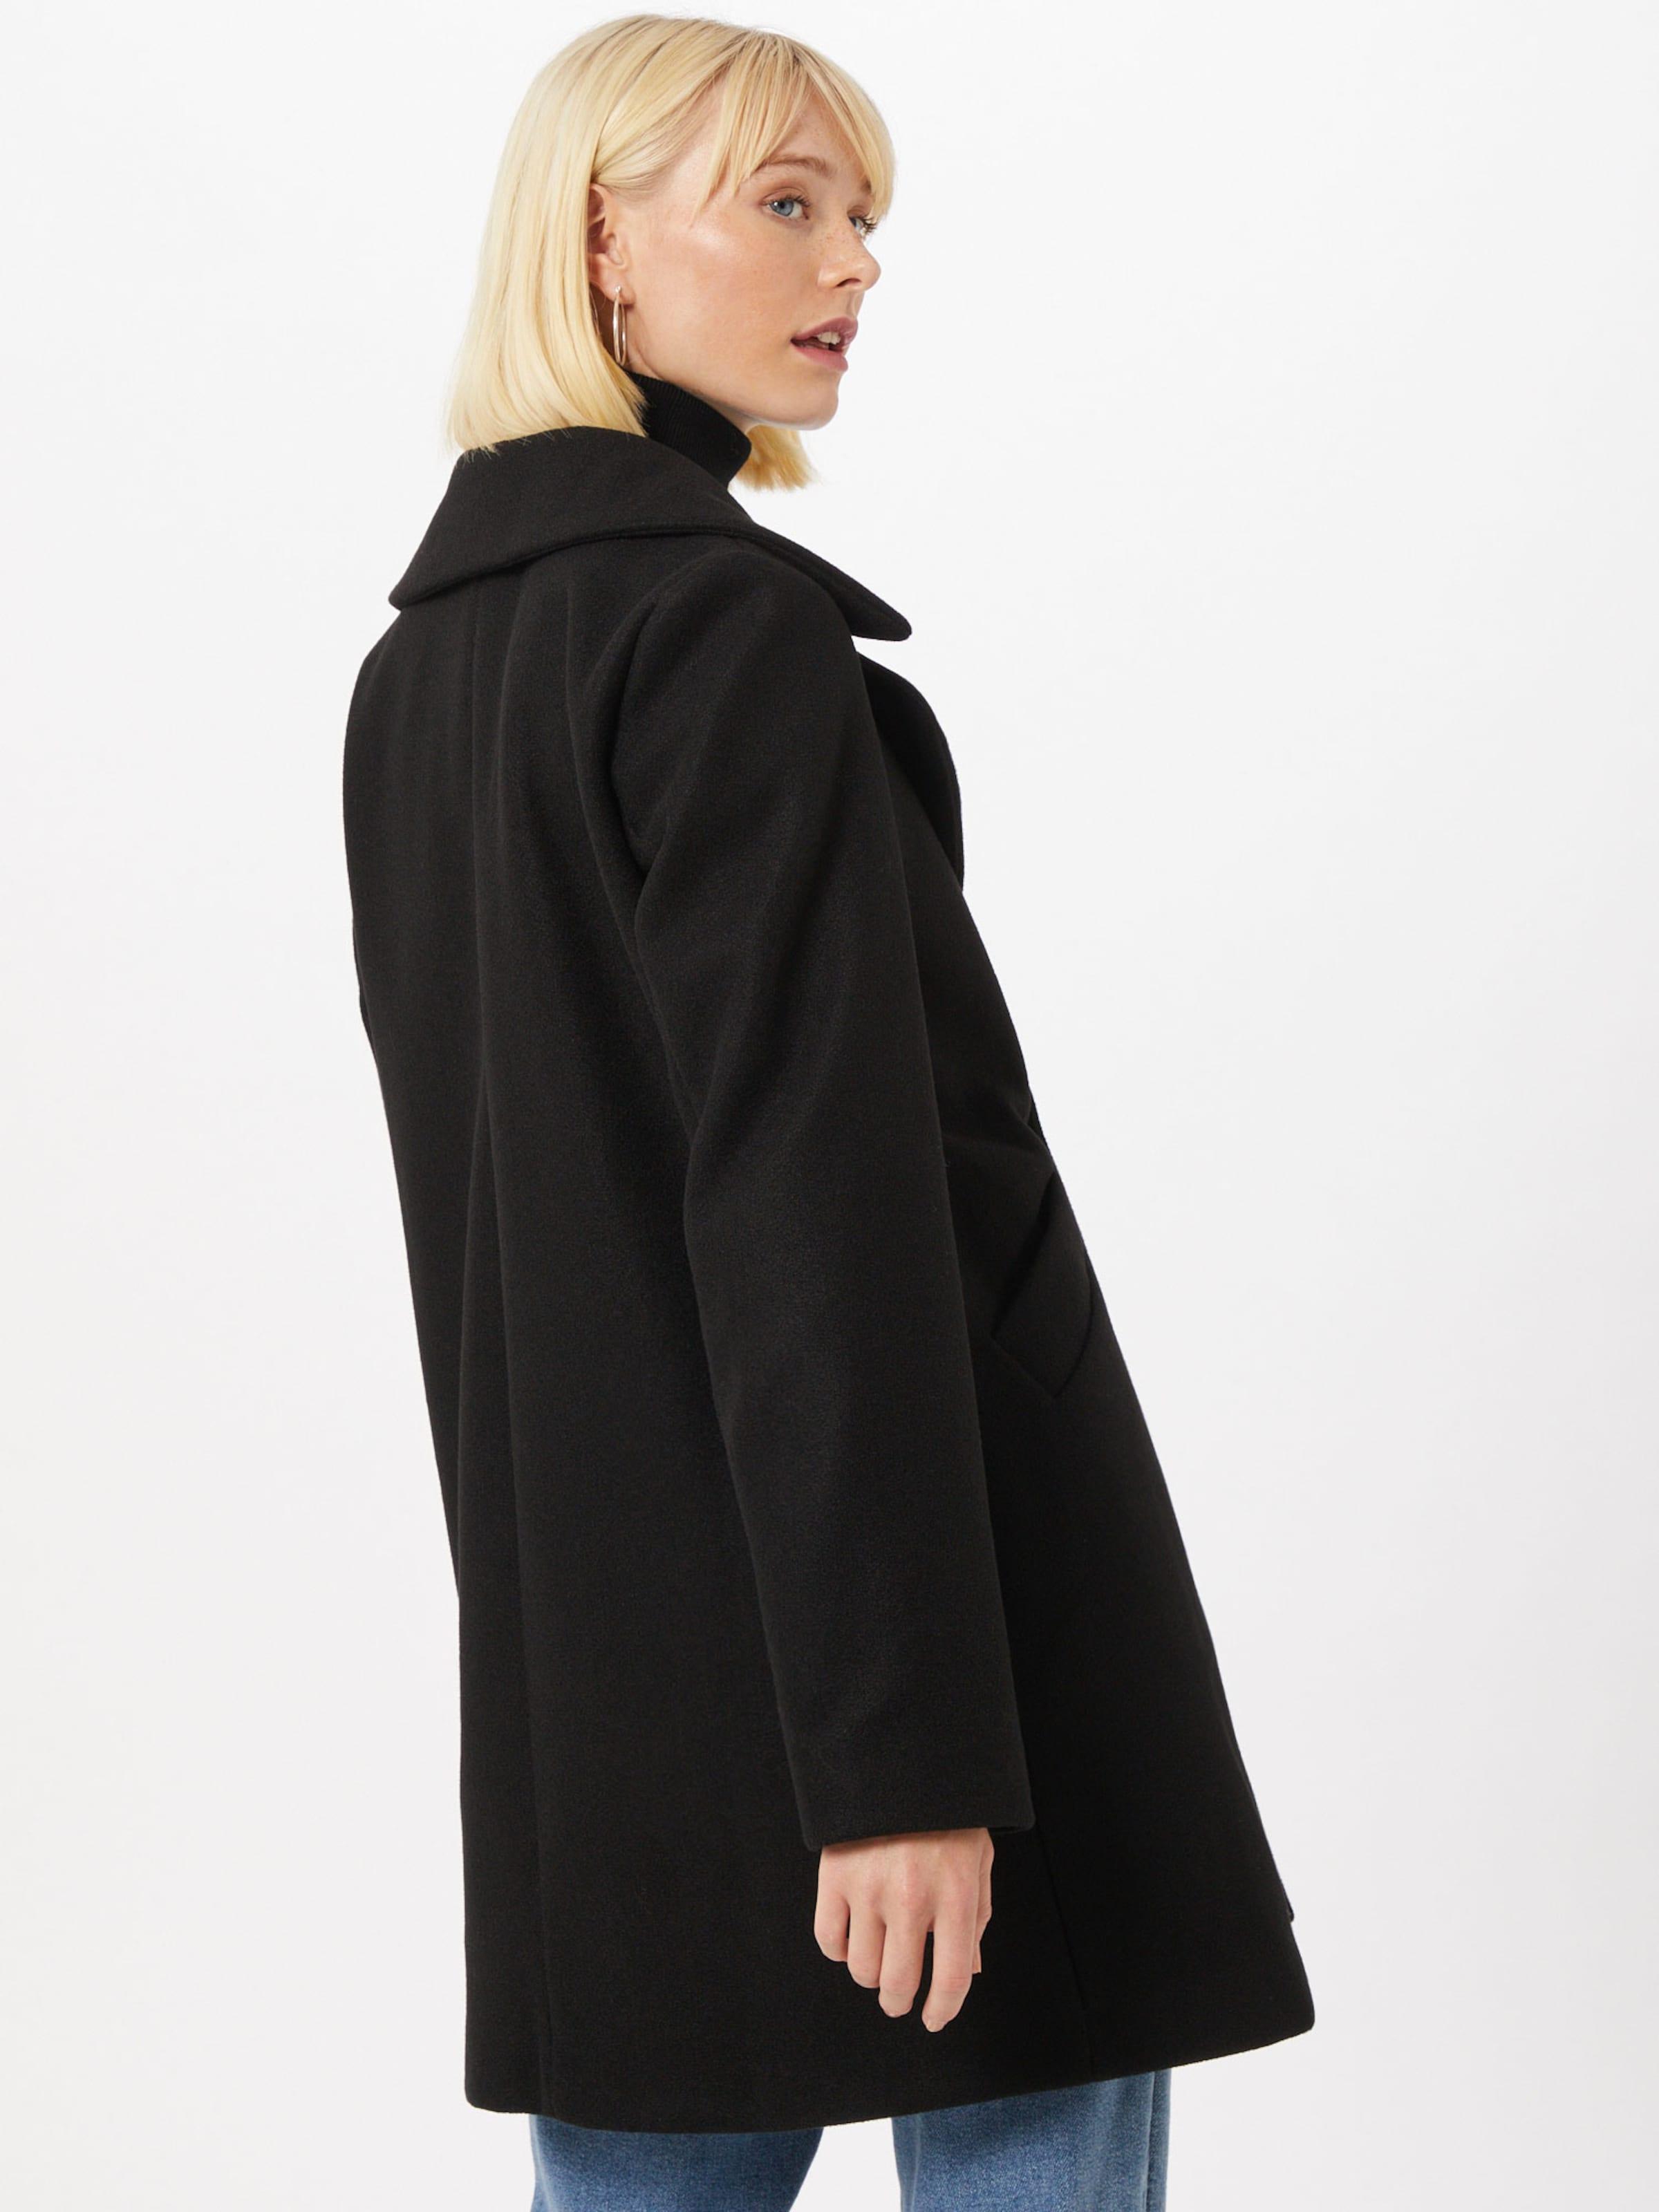 Amber & June Átmeneti kabátok fekete színben